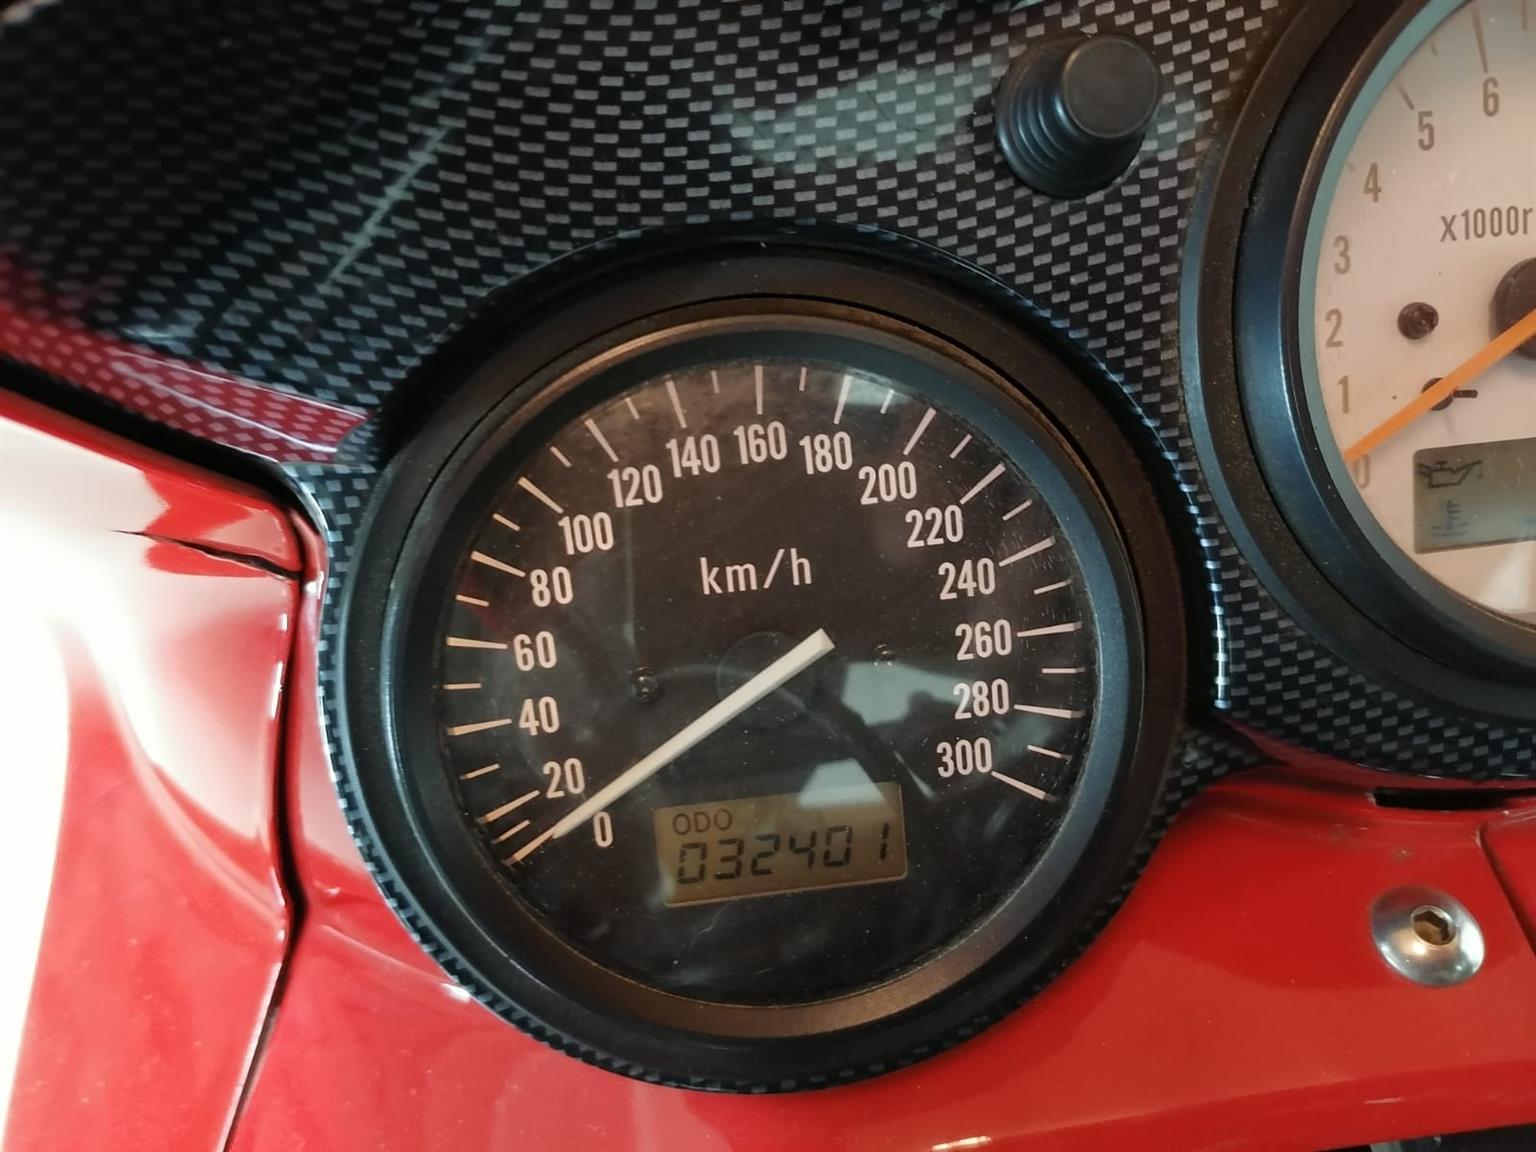 1998 Suzuki TL1000